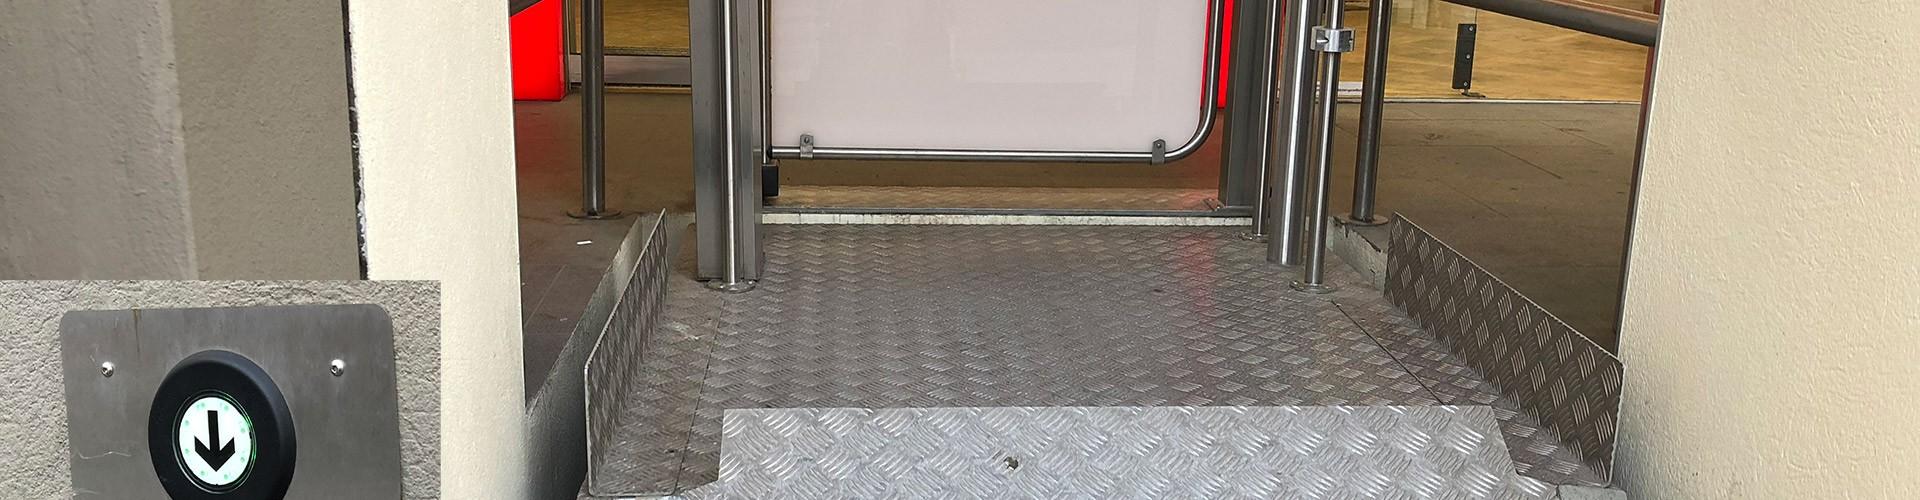 Frontalansicht eines Rollstuhlhubliftes im Freien bei einer Sparfiliale der mit Euroschlüssel selbstständig zu bedienen ist.